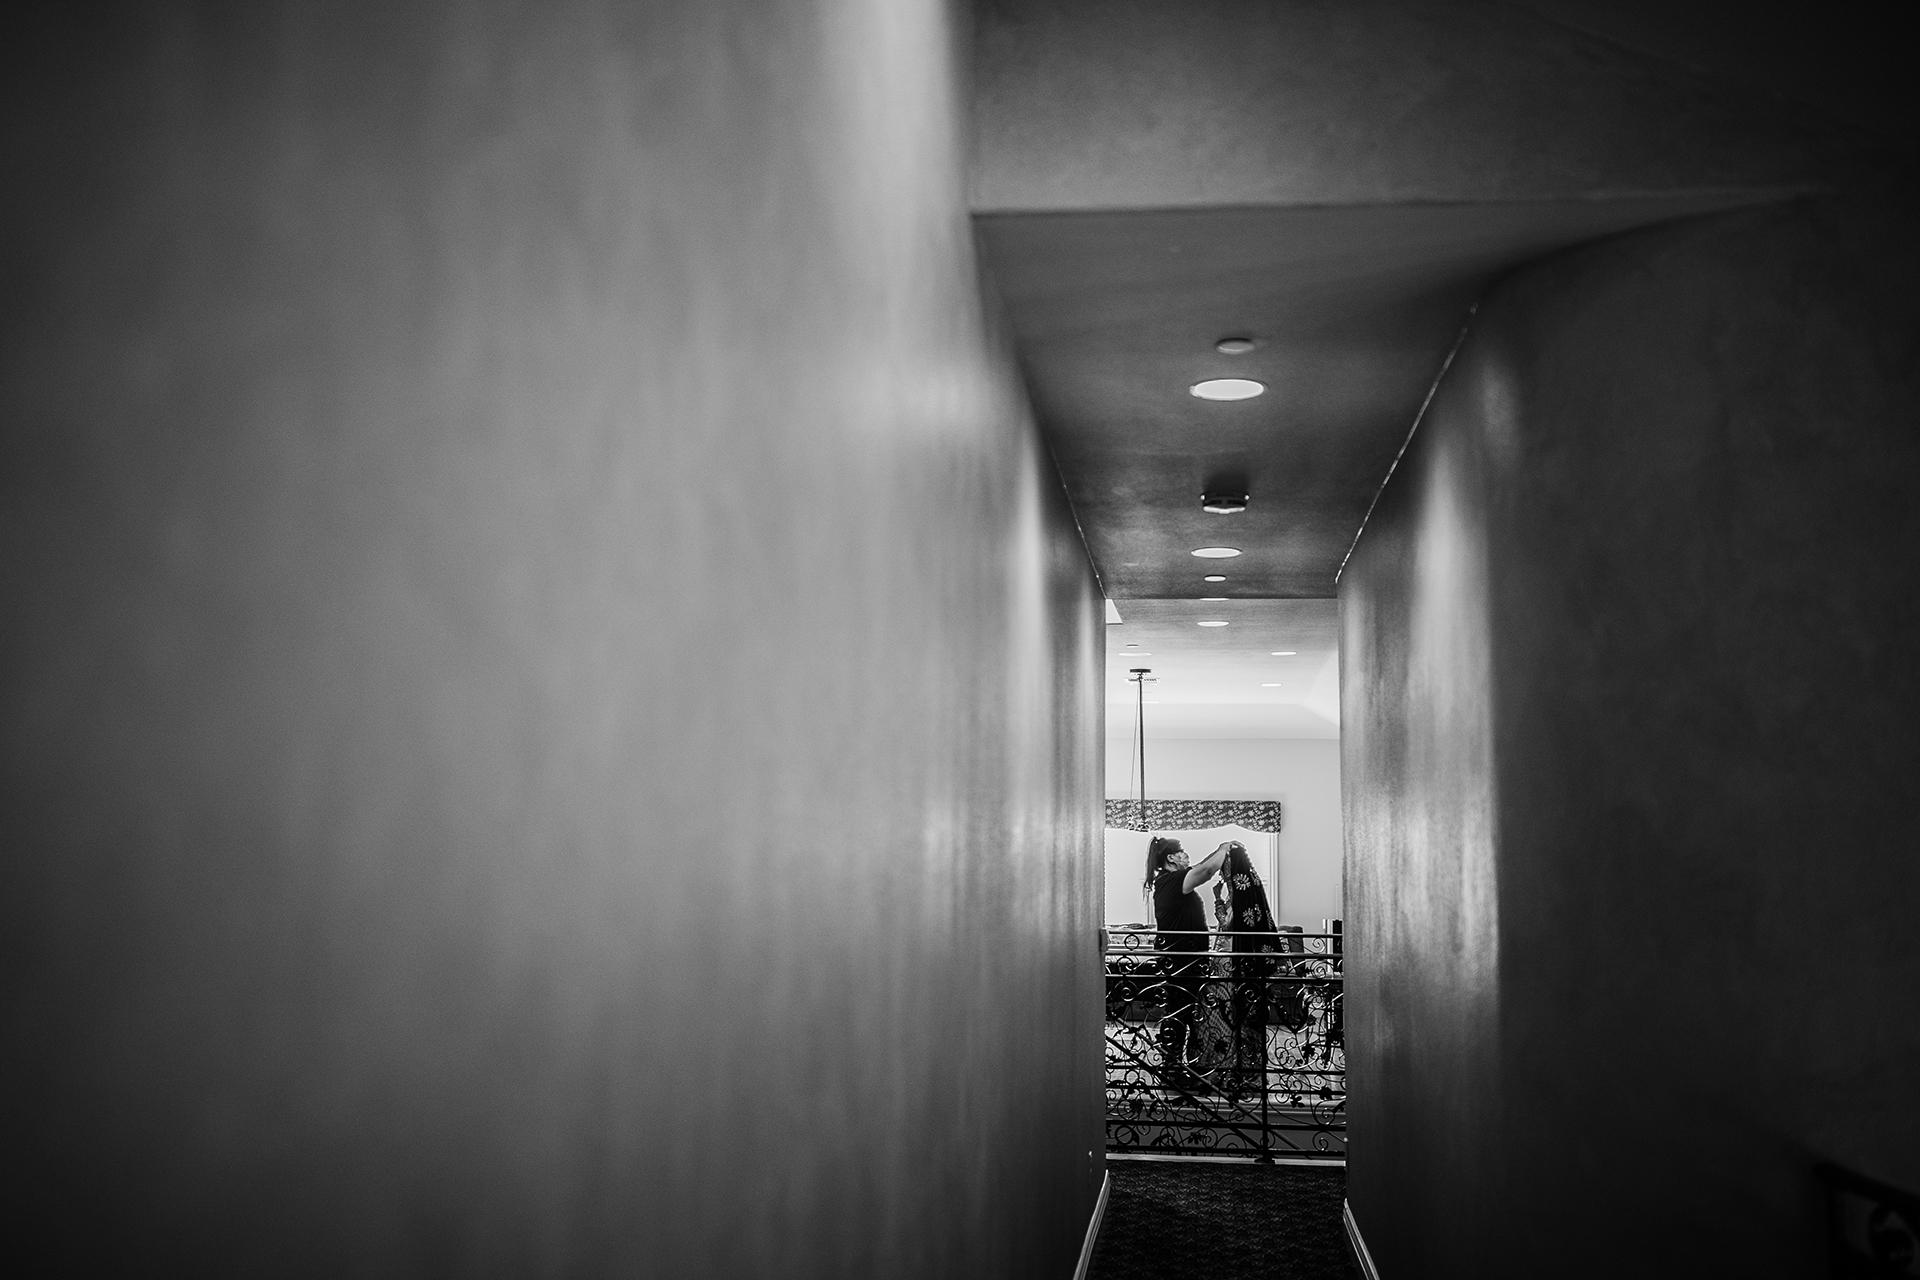 Elopement-fotografen voor Pleasanton, Californië | Aan het einde van een lange gang helpt een vrouw de bruid met wat op het laatste moment bijwerken